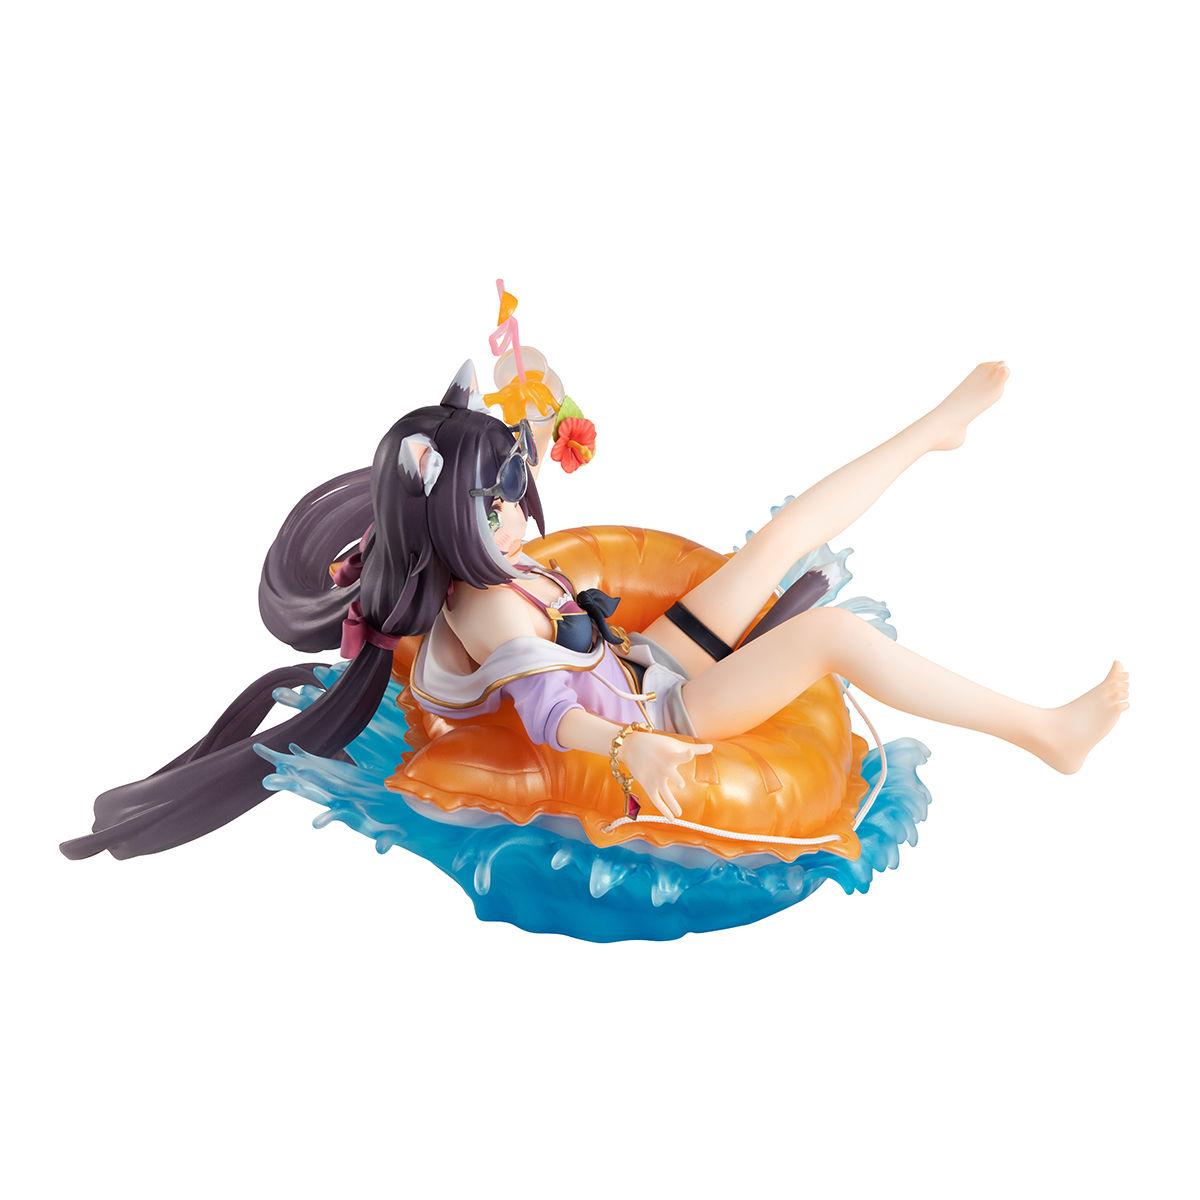 【限定販売】Lucrea ルクリア『キャル(サマー)』プリンセスコネクト!Re:Dive 完成品フィギュア-004